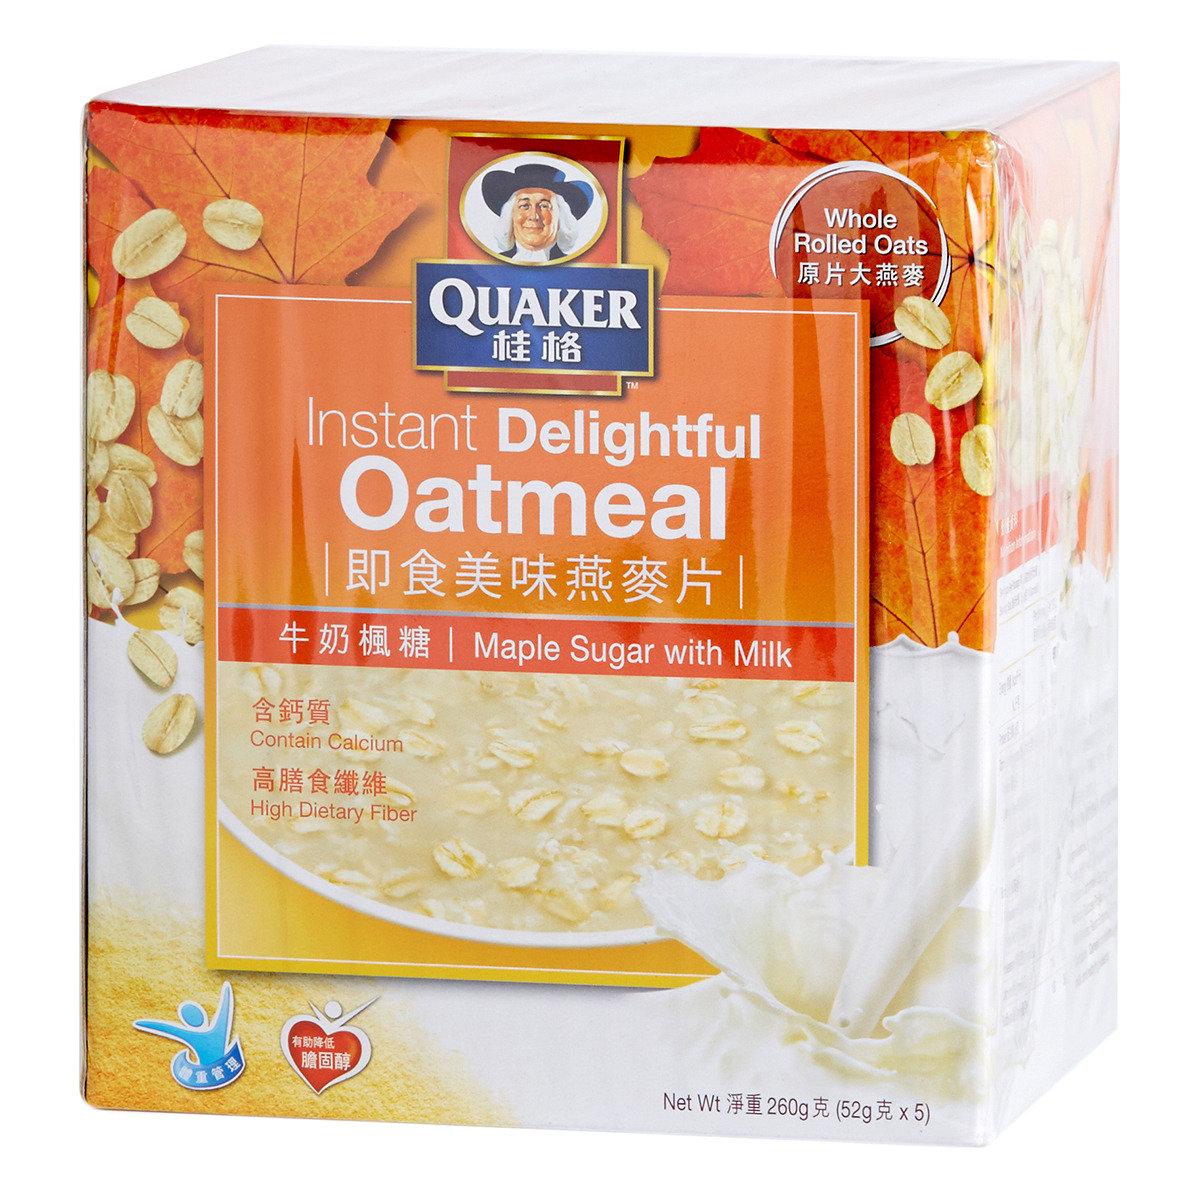 即食美味燕麥片 – 牛奶楓糖